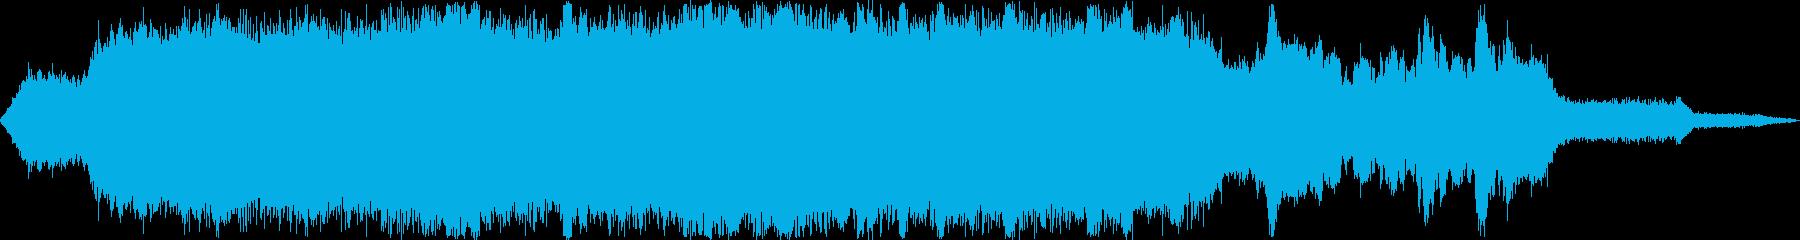 道路工事4  騒音 現場 重機 ステレオの再生済みの波形